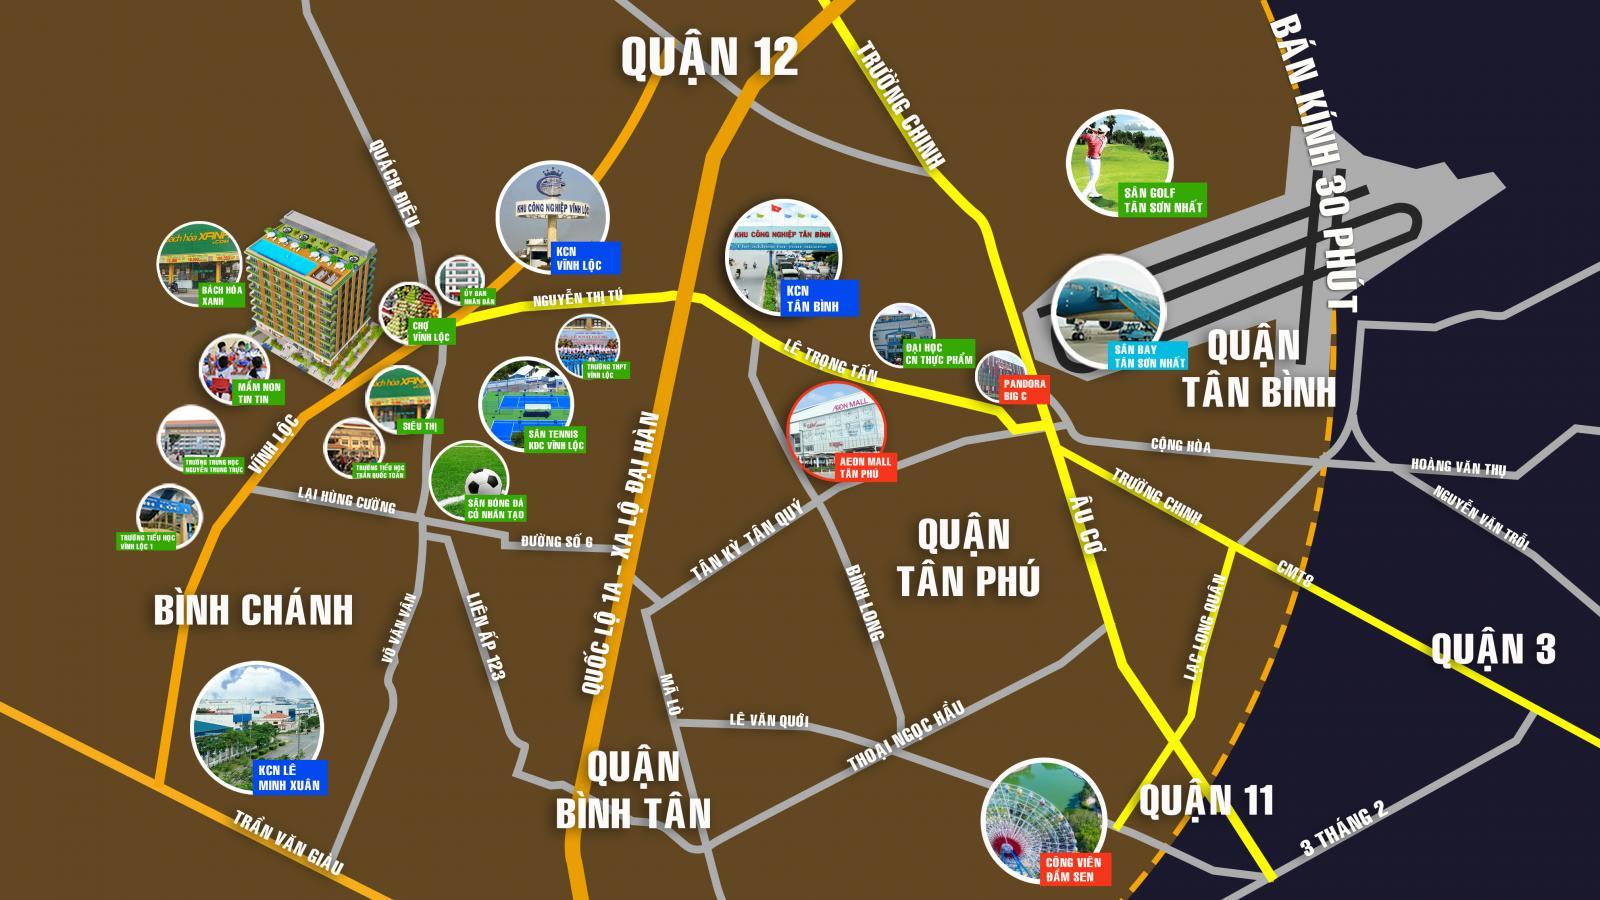 Vị trí dự án CavaHome Vĩnh Lộc trên bản đồ